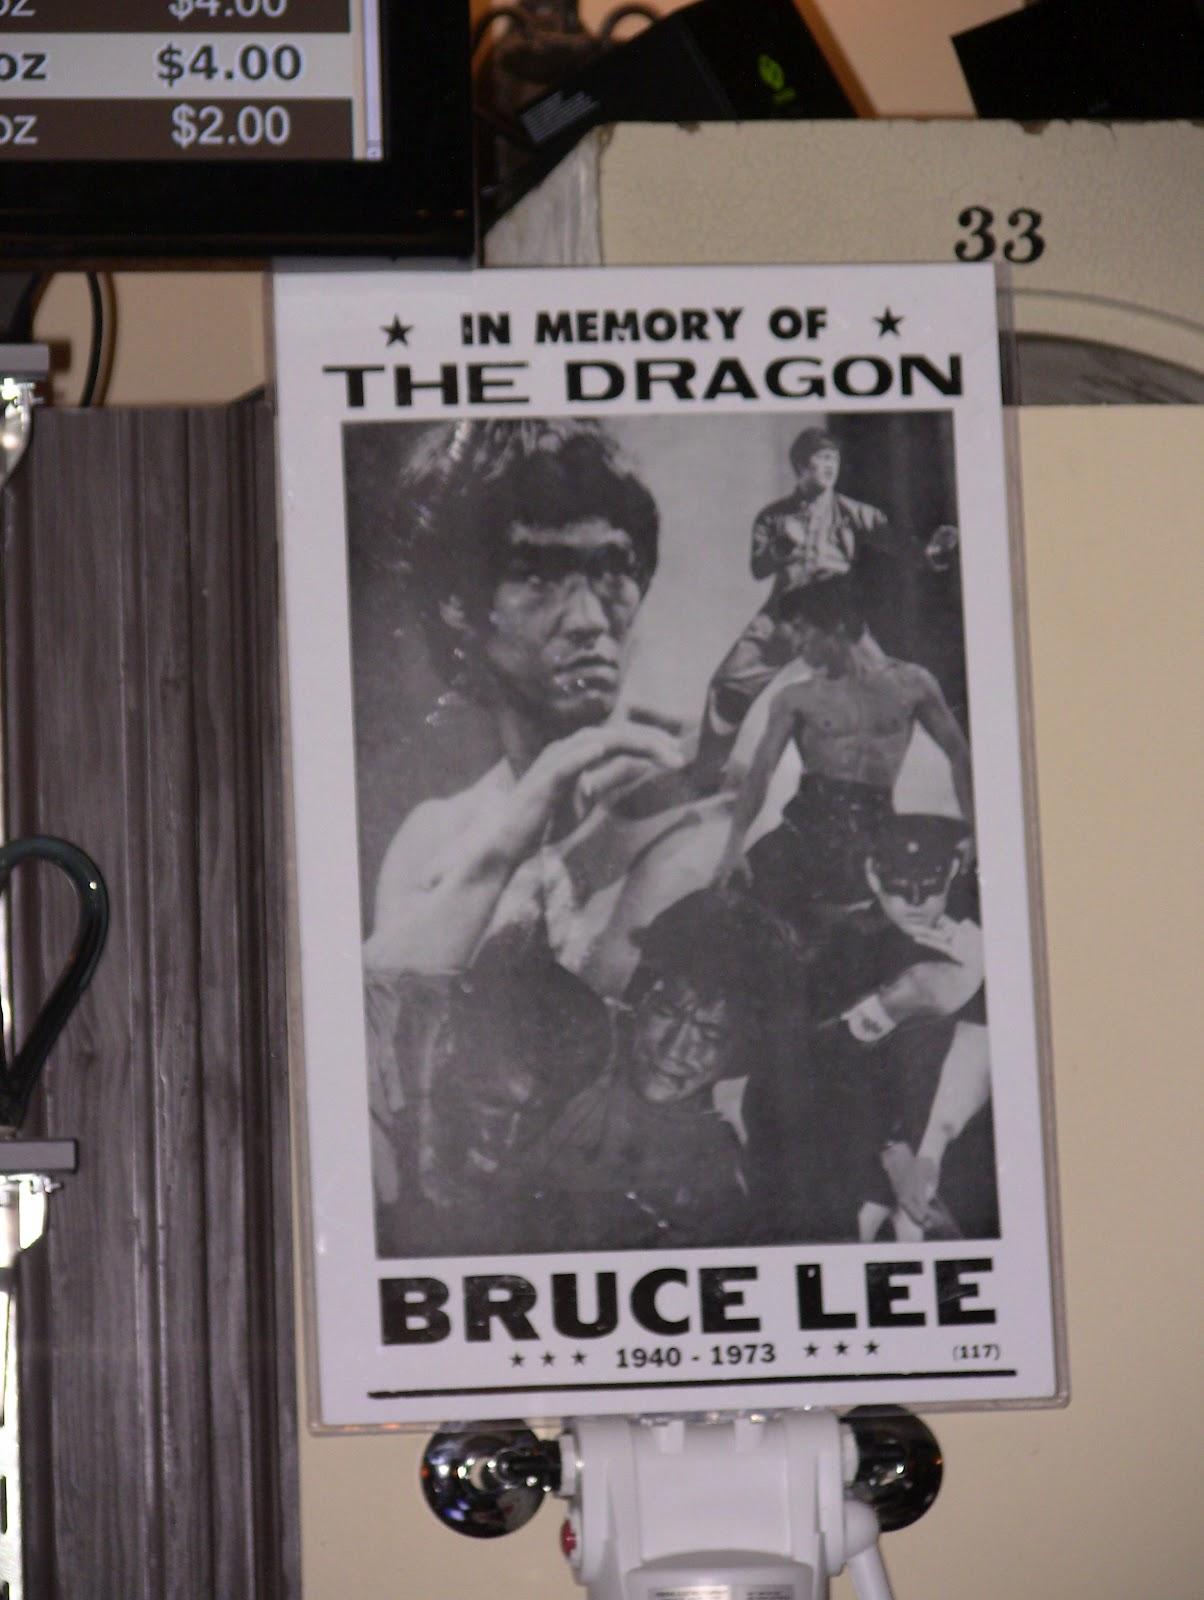 Bruce Lee Casket Bruce lee's funeral was held